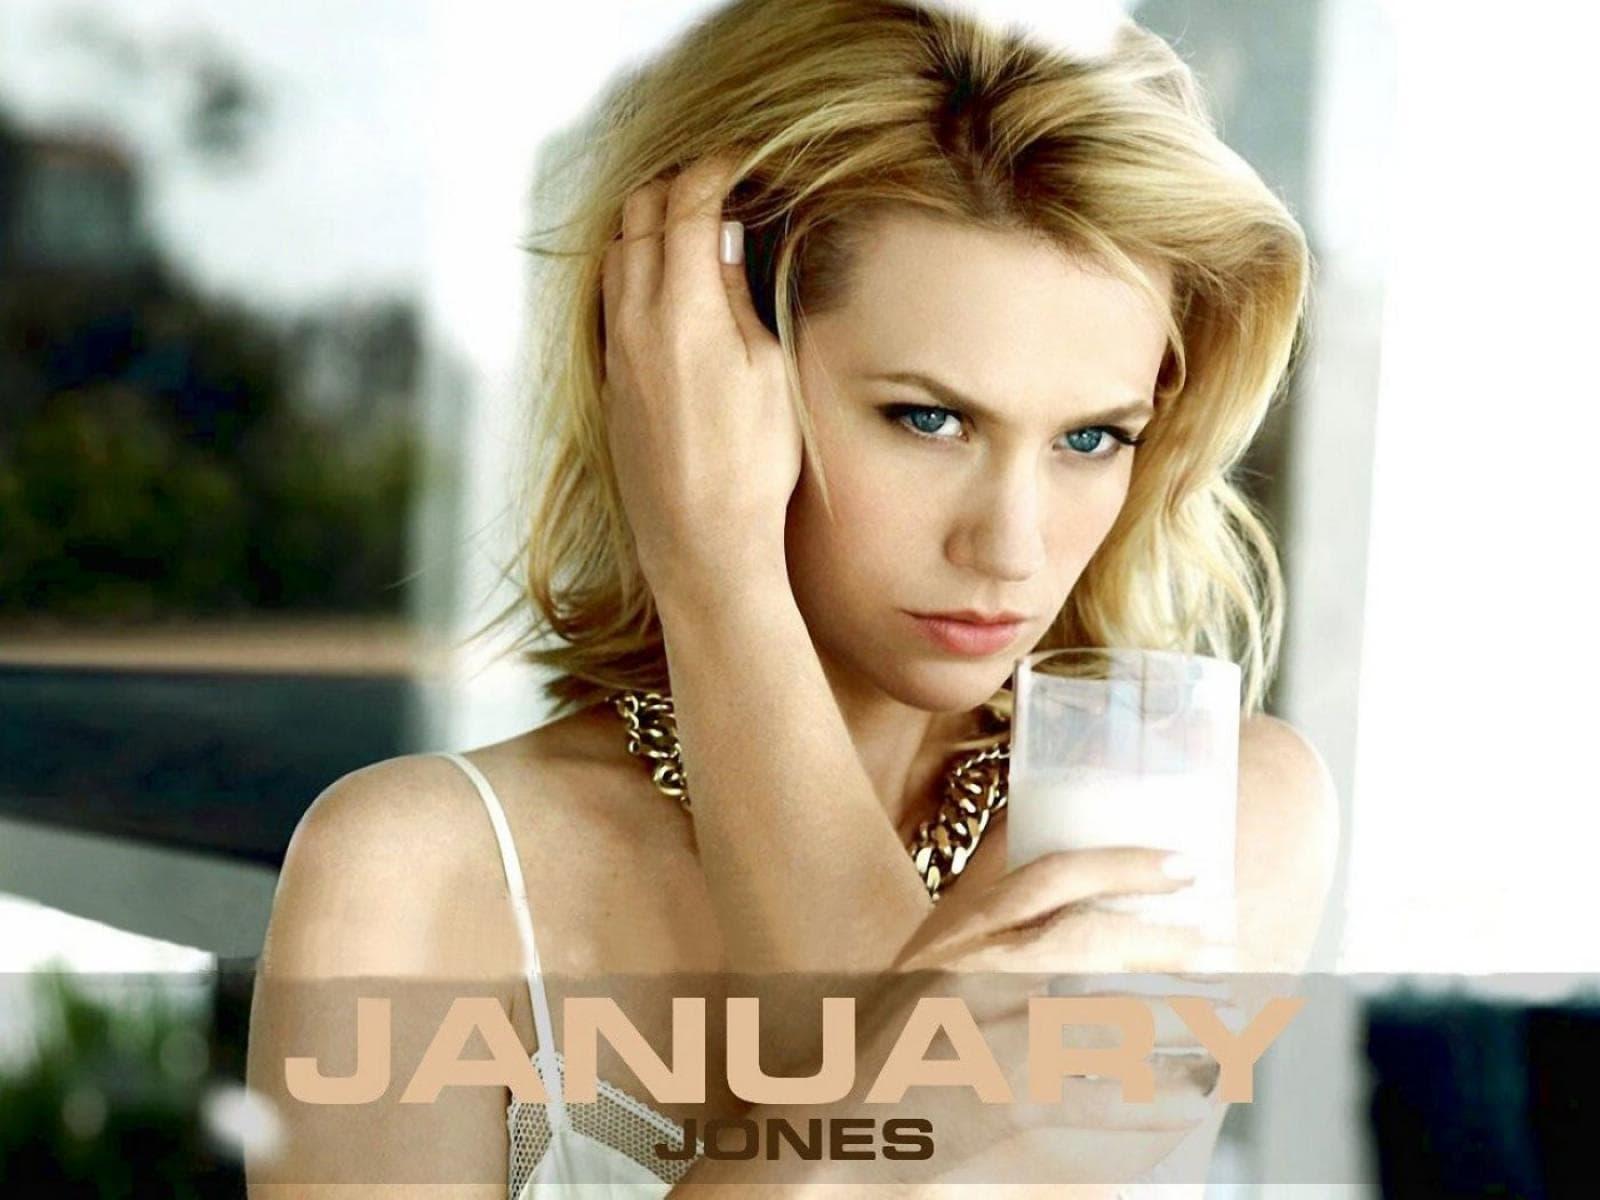 January Jones Widescreen for desktop